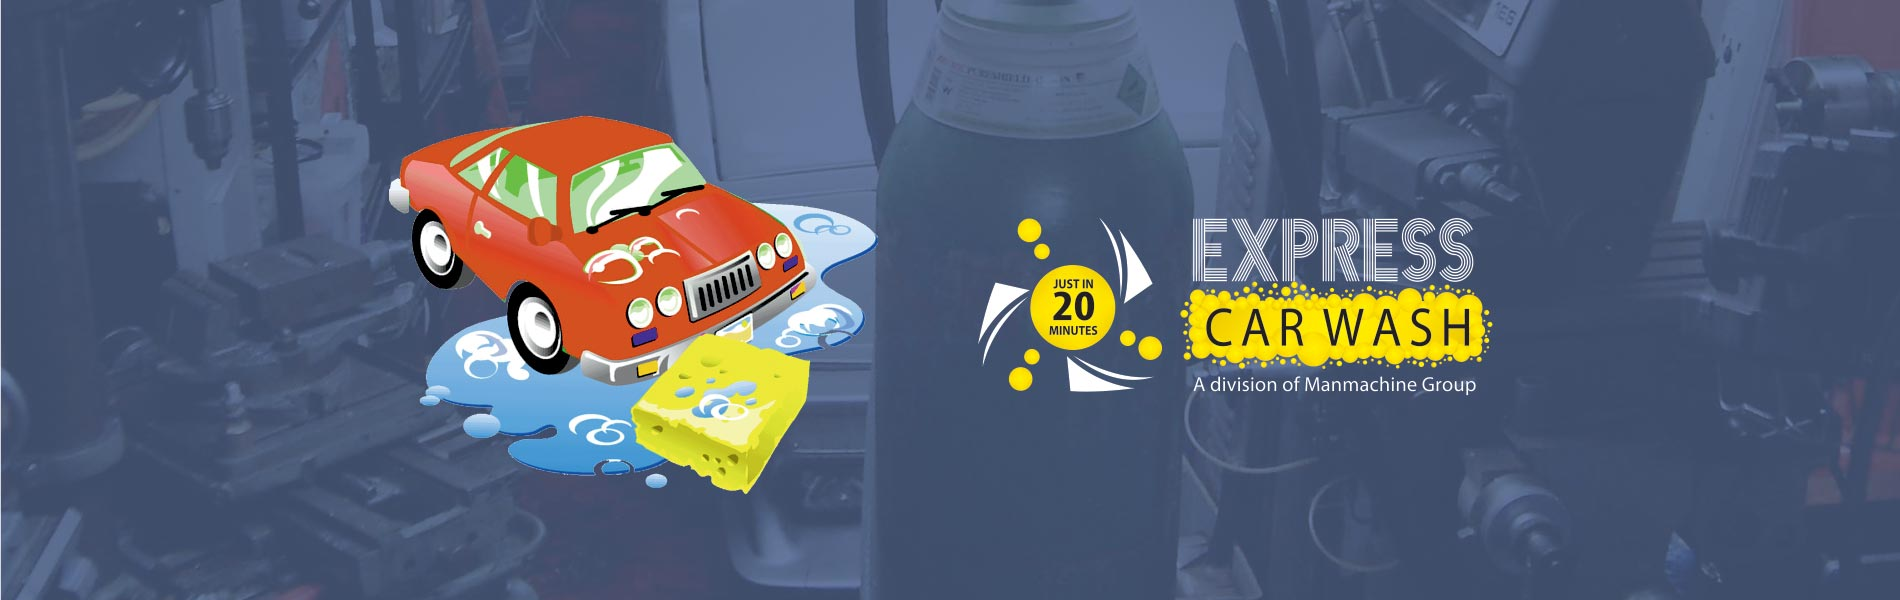 Exppress Car Wash Franchise Opportunity Franchise India